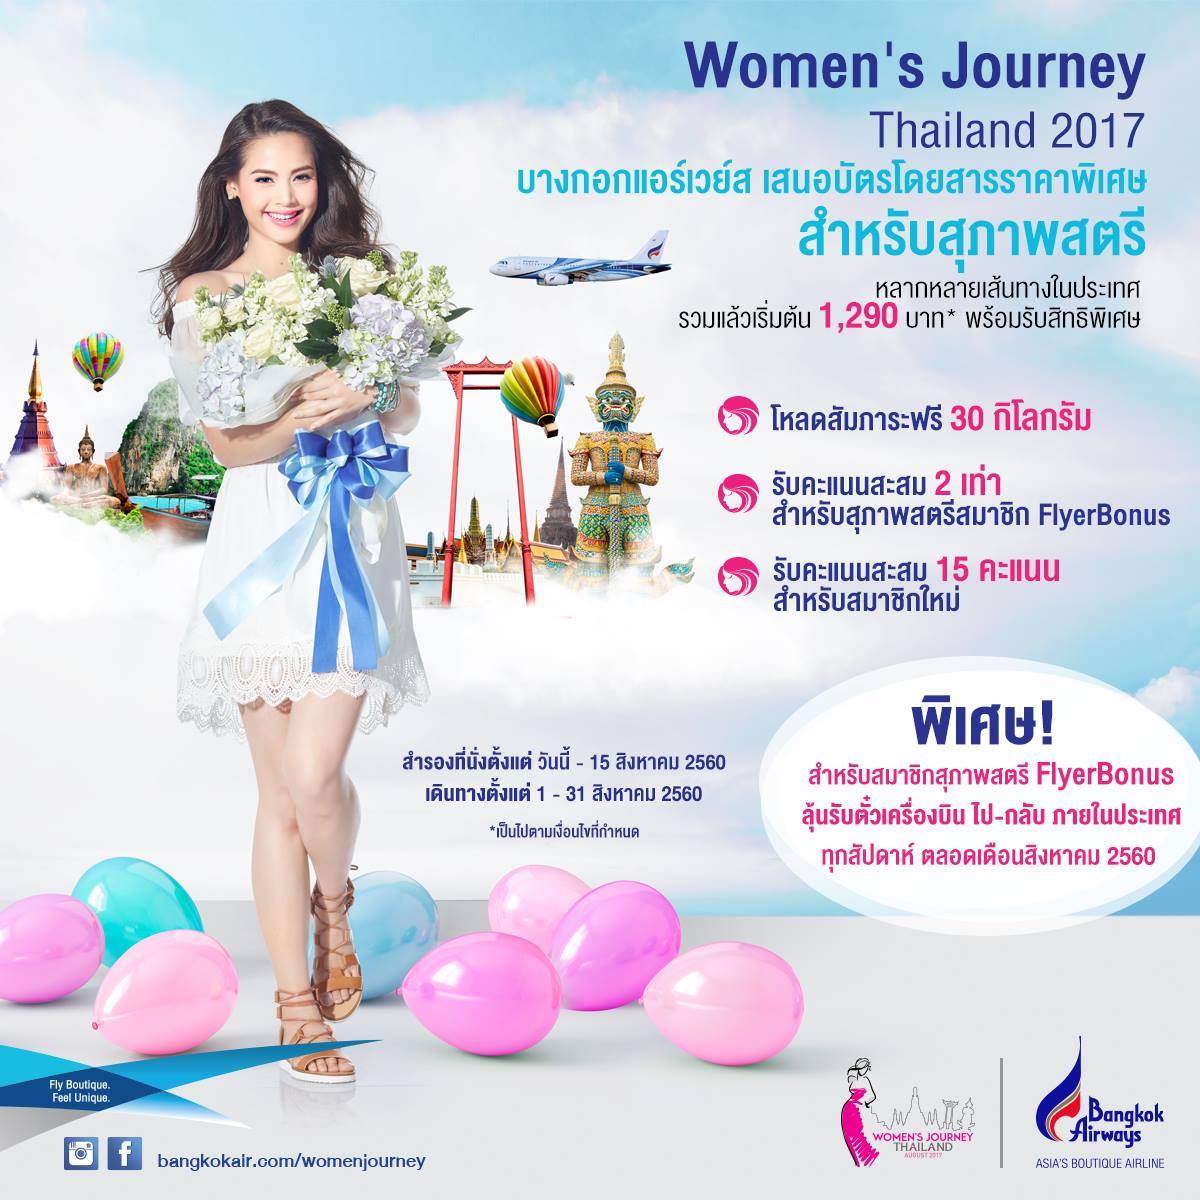 Airasia promotion 2018 thailand